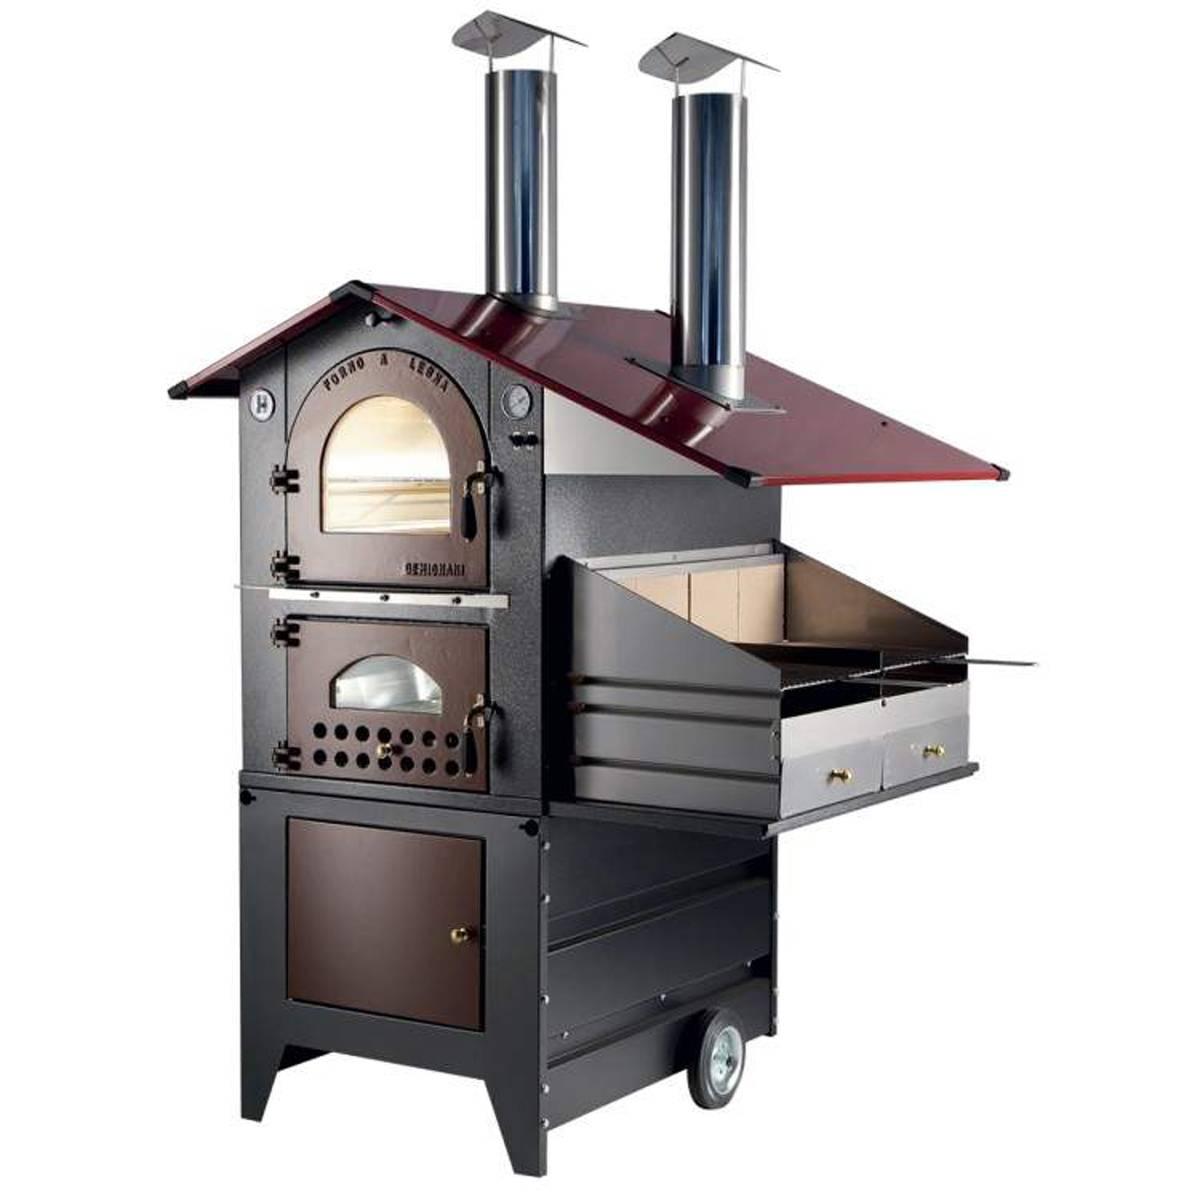 Forno a legna gemignani a fuoco indiretto da esterno mod - Barbecue esterno ...